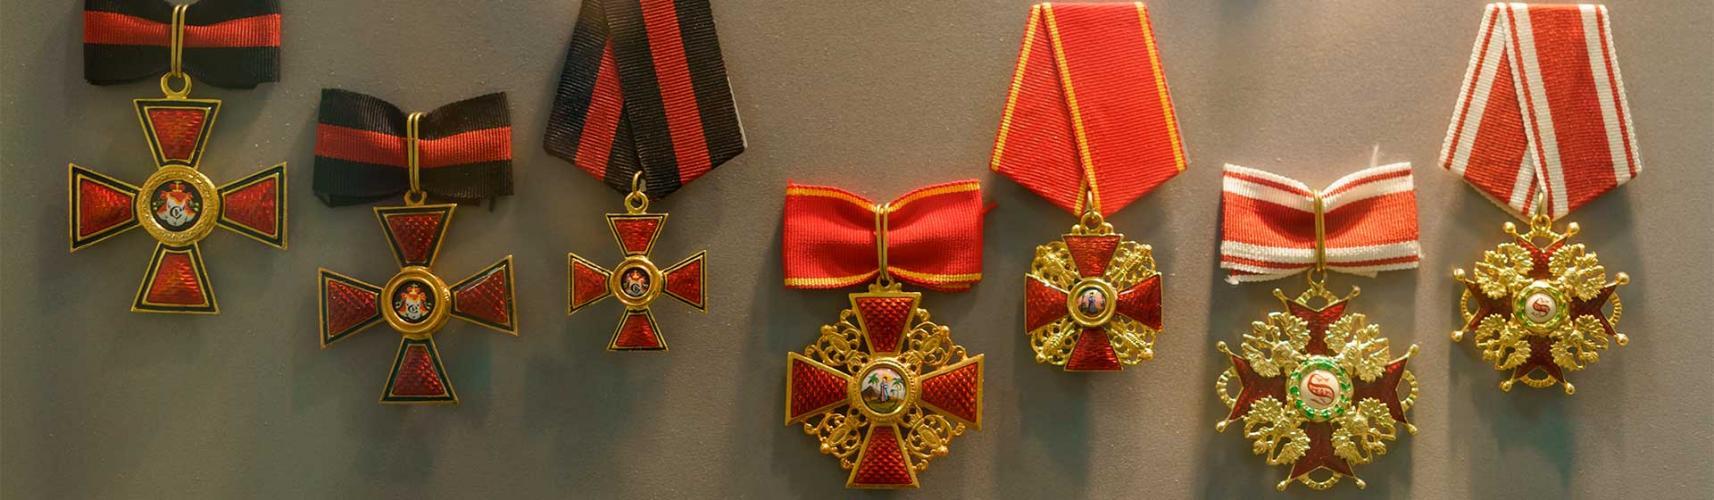 Скупка царских орденов